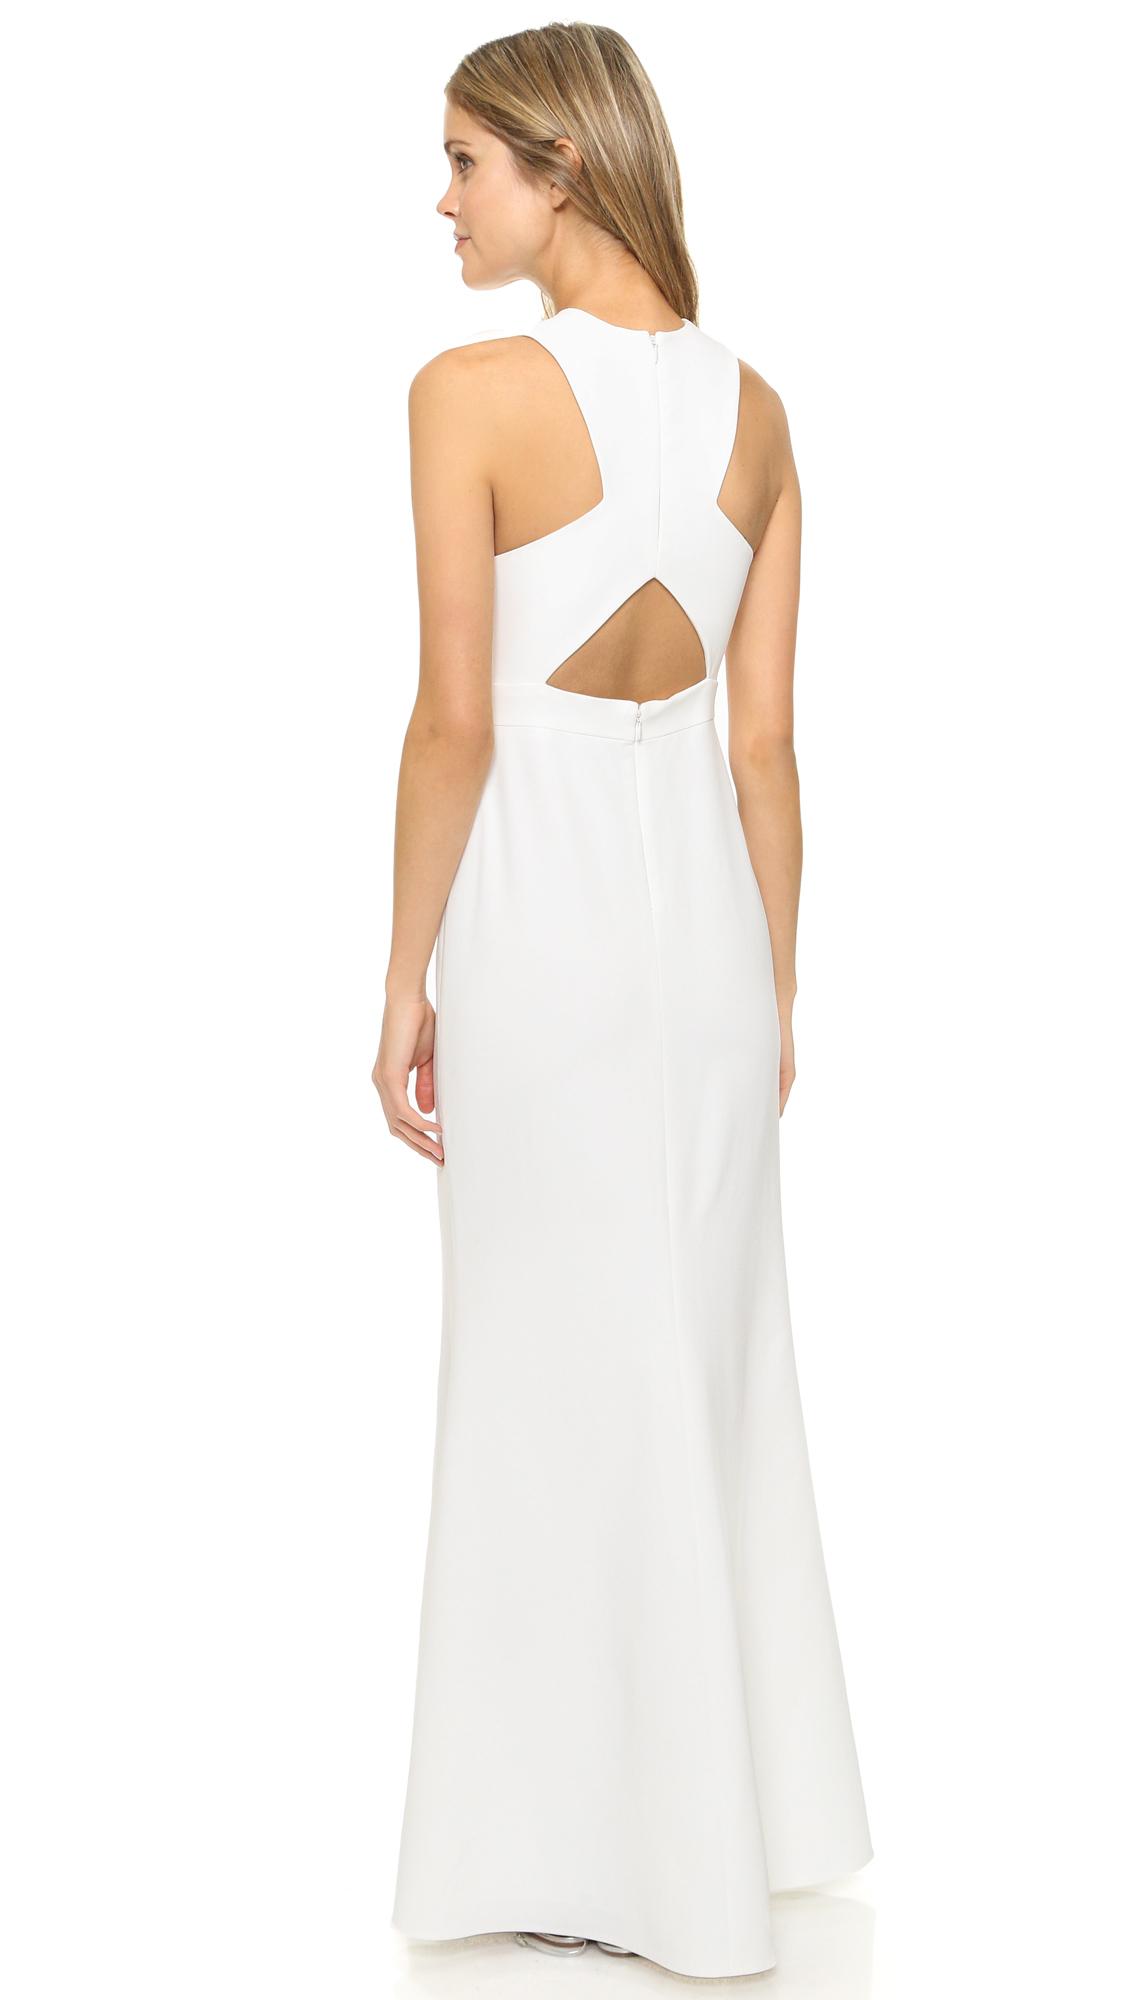 Jill Jill Stuart Sleeveless Open Back Gown In White Lyst